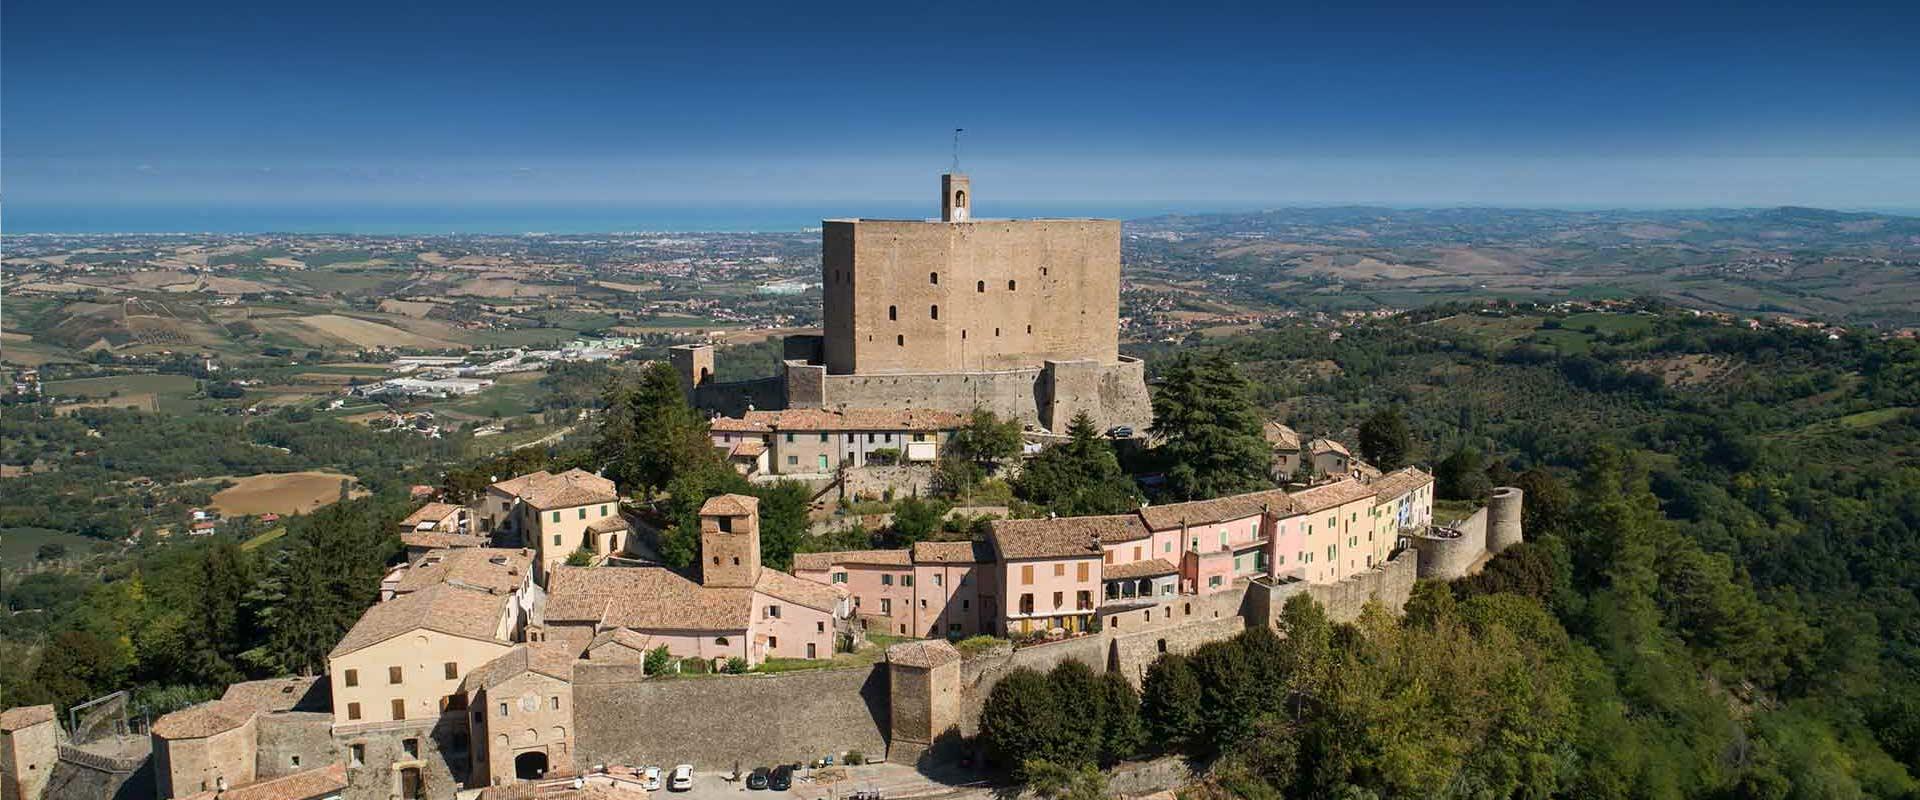 E-bike Tour a Montefiore : un'oasi medievale nel cuore della Valconca